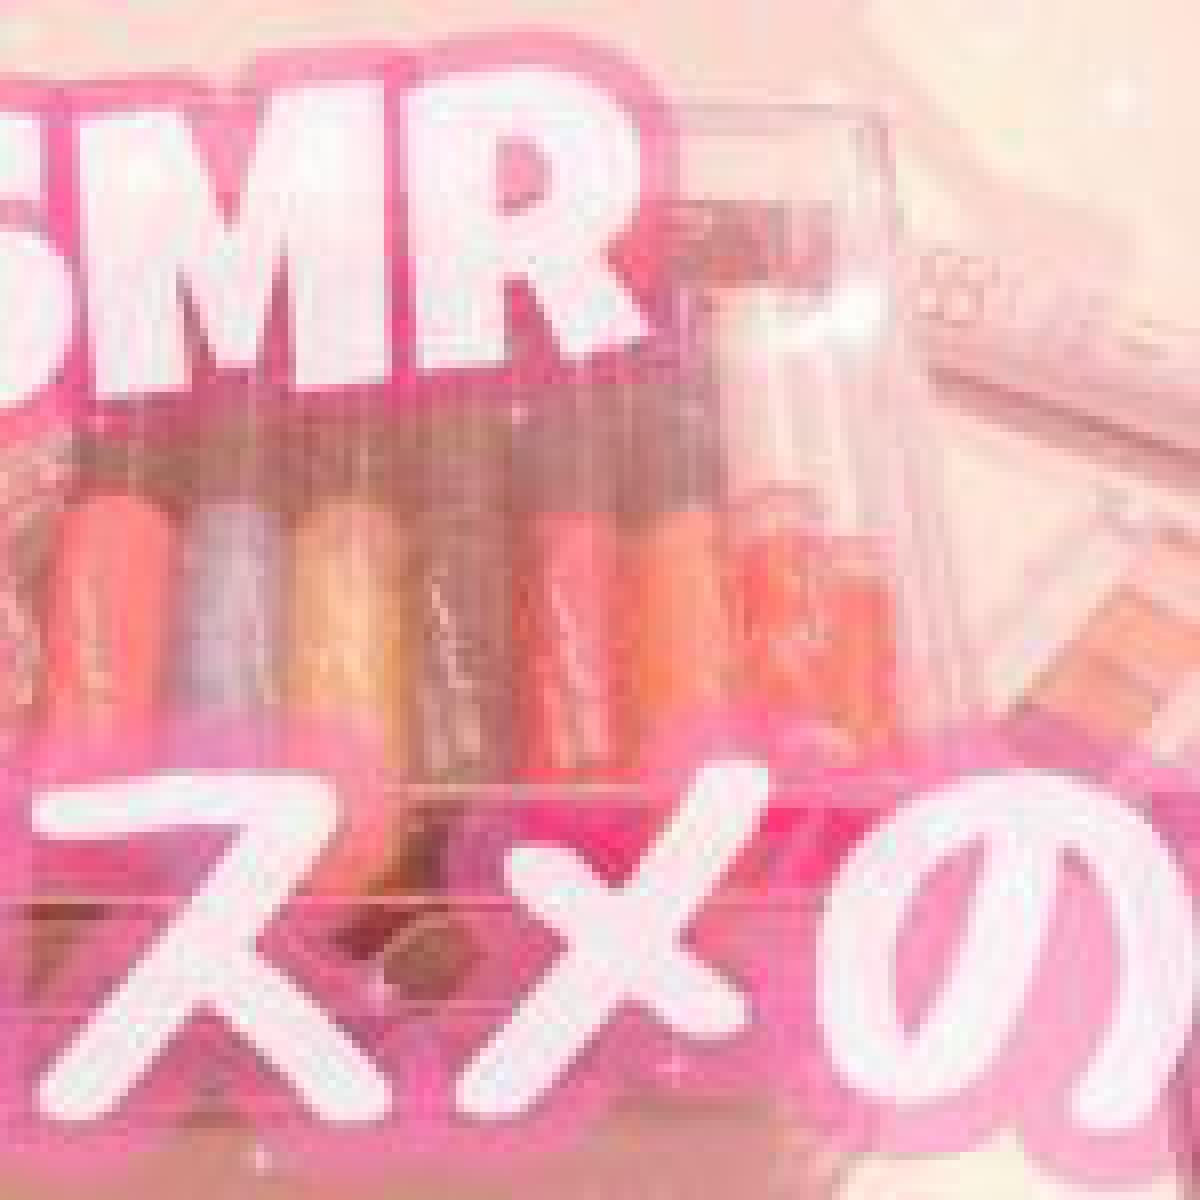 (( 音フェチ囁きメイン♡100均コスメ全部紹介!ASMR ))